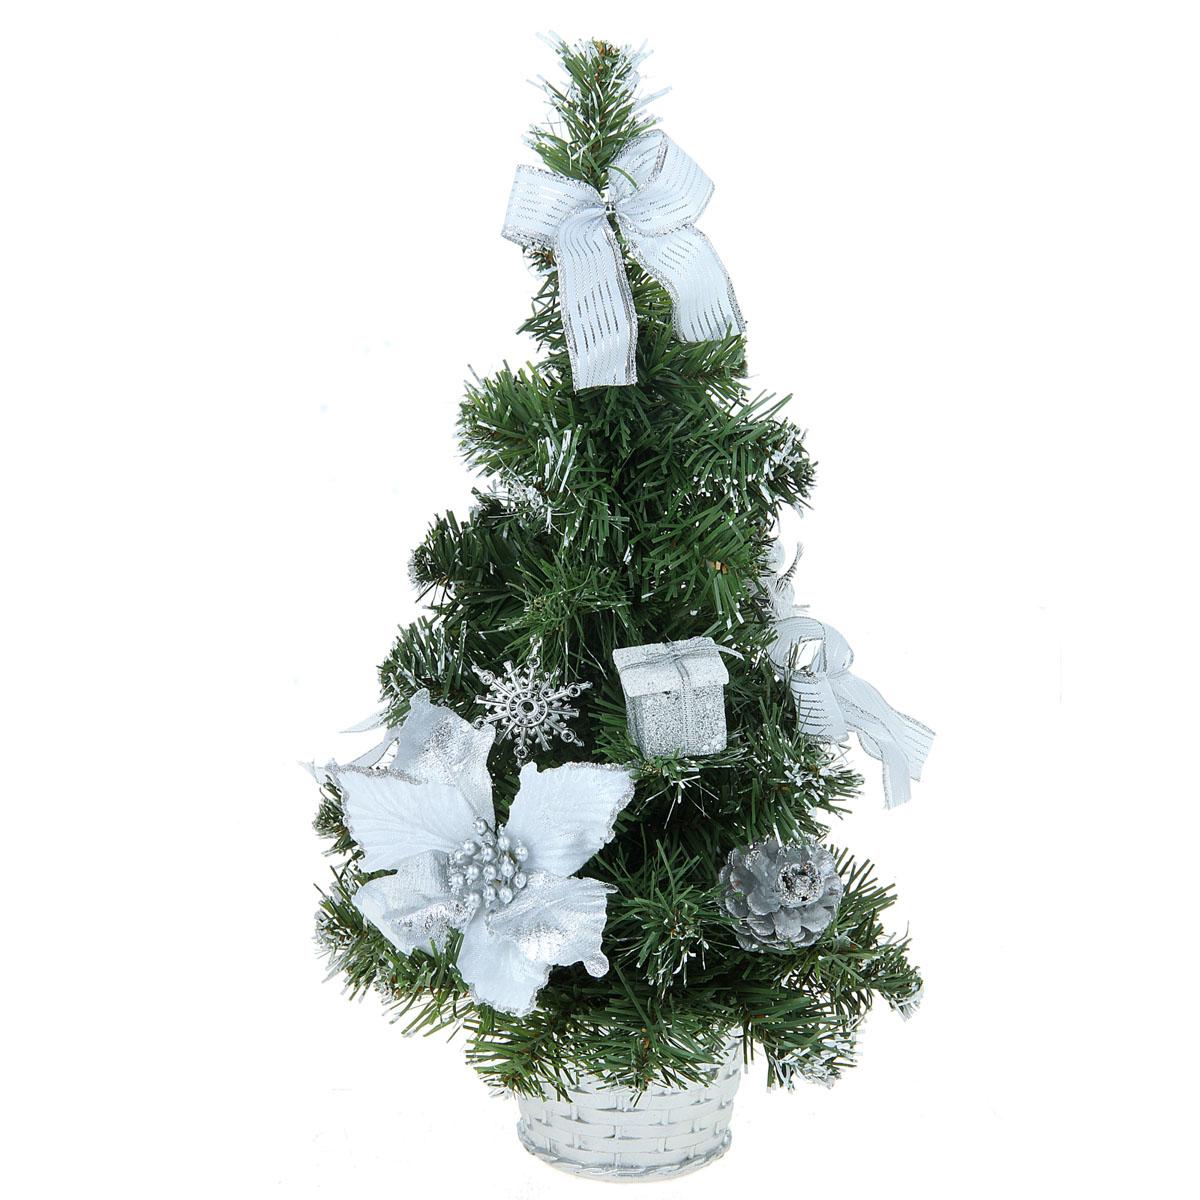 Декоративное украшение Sima-land Новогодняя елочка, цвет: серебристый, зеленый, высота 40 см. 706054706054Декоративное украшение Sima-land, выполненное из пластика - мини-елочка для оформления интерьера к Новому году. Ее не нужно ни собирать, ни наряжать, зато настроение праздника она создает очень быстро.Елка украшена текстильными бантами, шишками, шарами, блестками и снежинками. Елка украсит интерьер вашего дома или офиса к Новому году и создаст теплую и уютную атмосферу праздника.Откройте для себя удивительный мир сказок и грез. Почувствуйте волшебные минуты ожидания праздника, создайте новогоднее настроение вашим дорогим и близким.